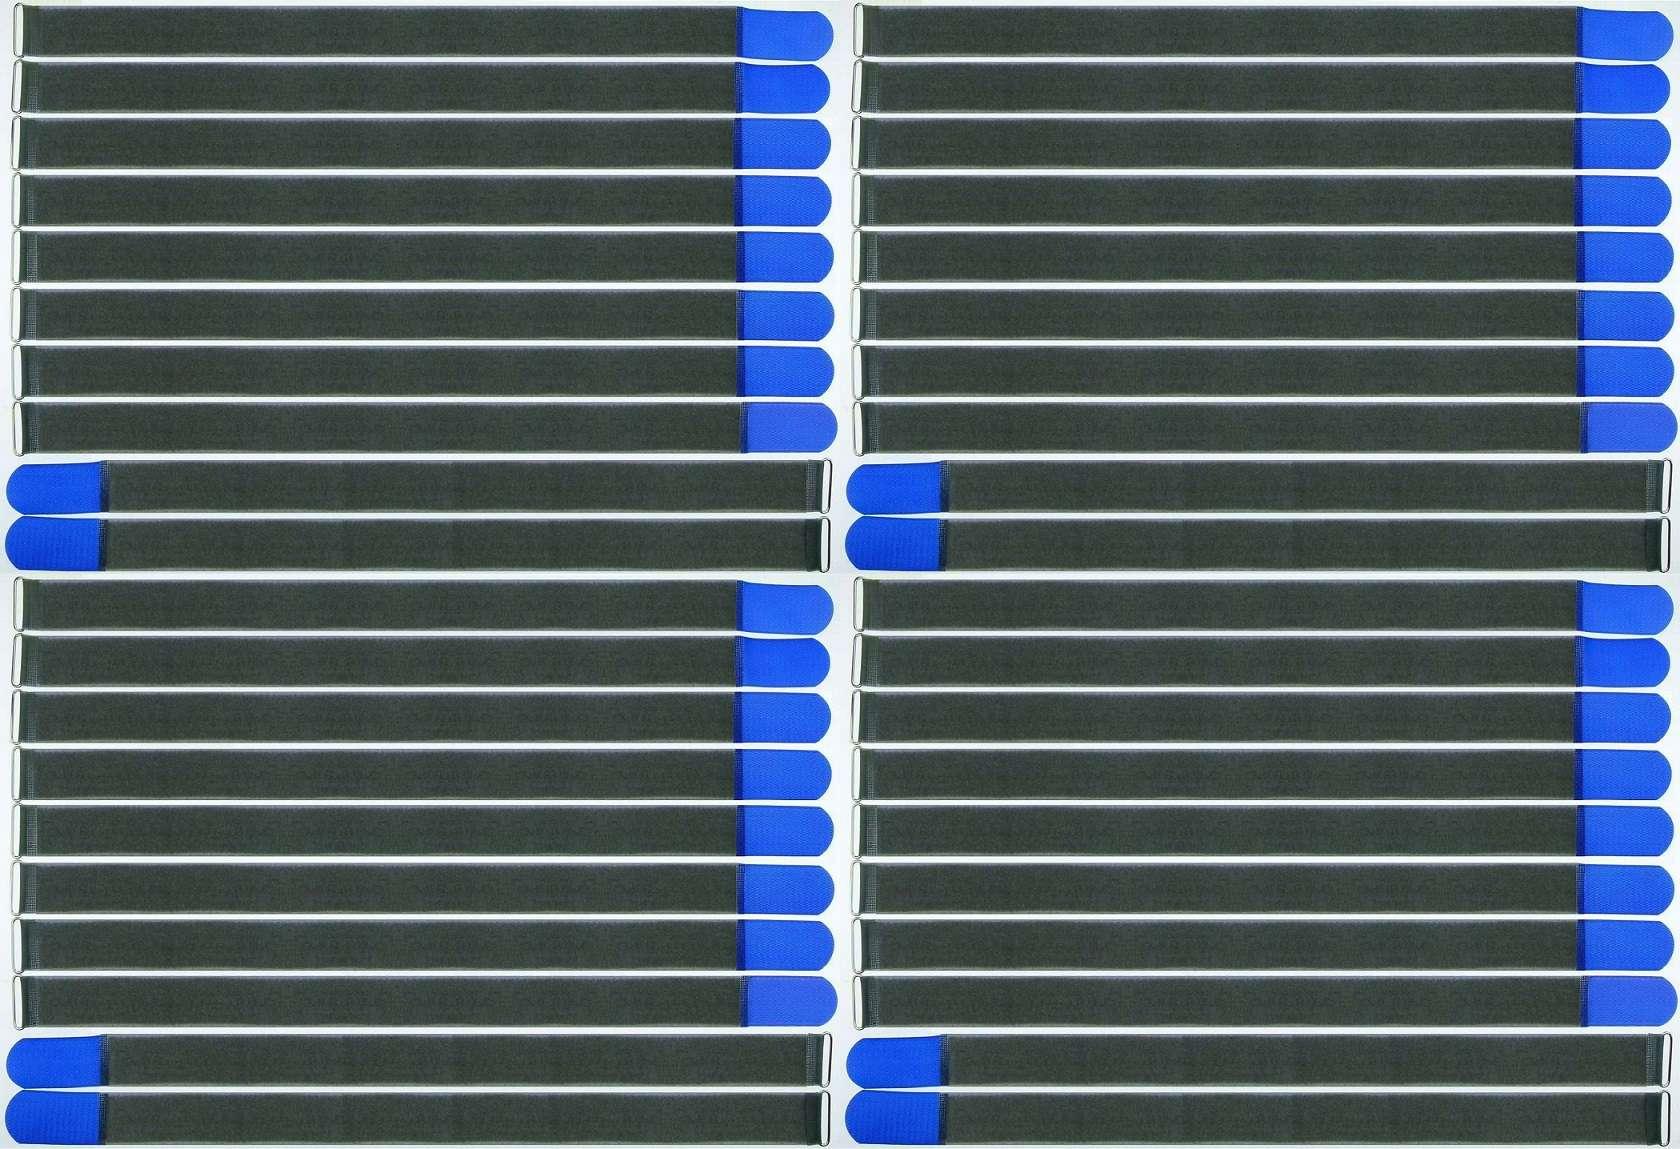 40 Klett Kabelbinder 300 x 20 mm blau FK Kabelklettband Kabelklett Klettband Öse